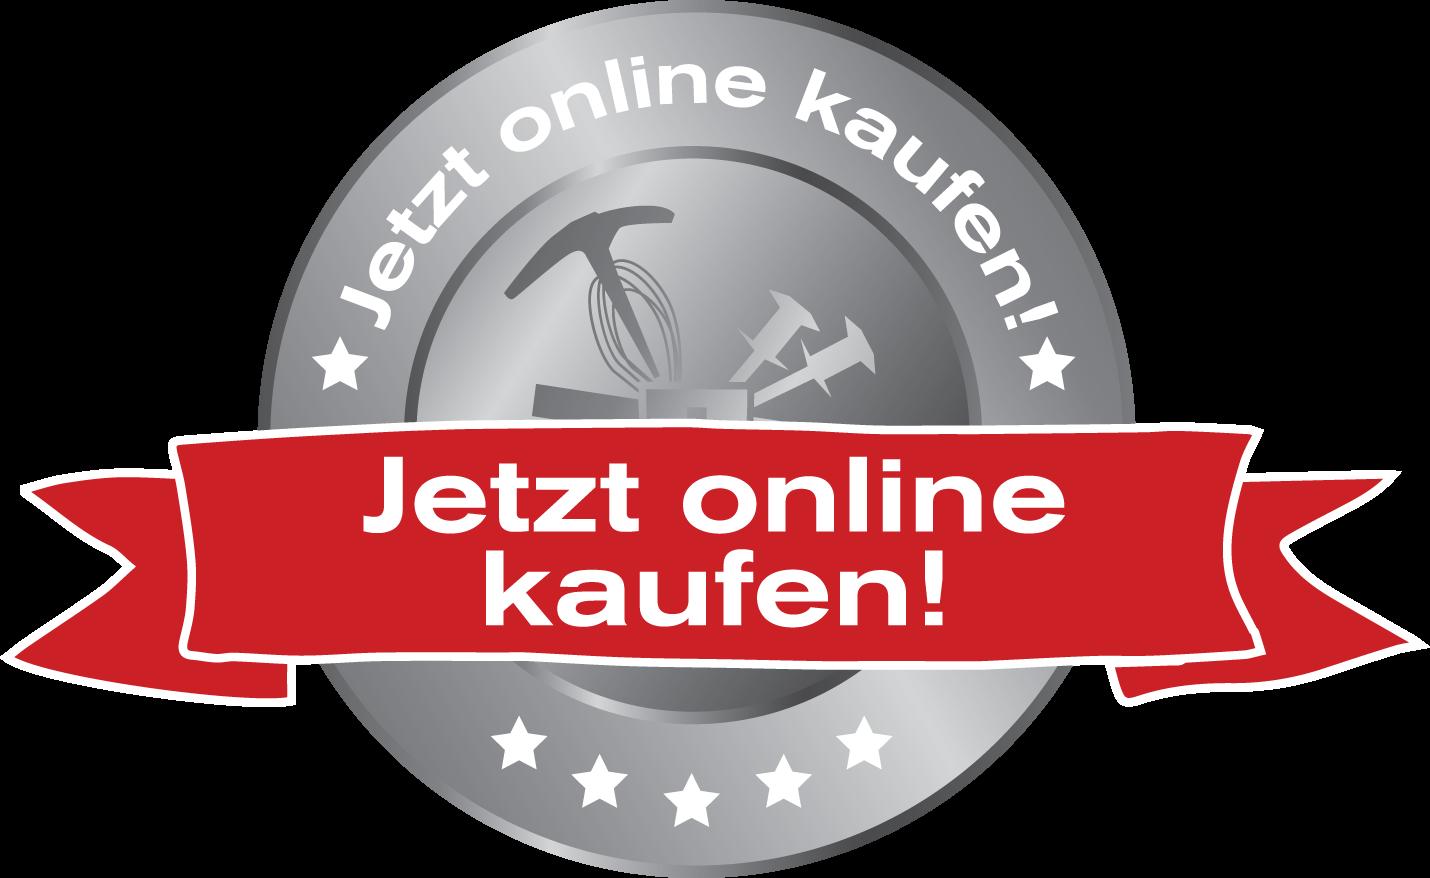 Skpass online kaufen Saas-Fee